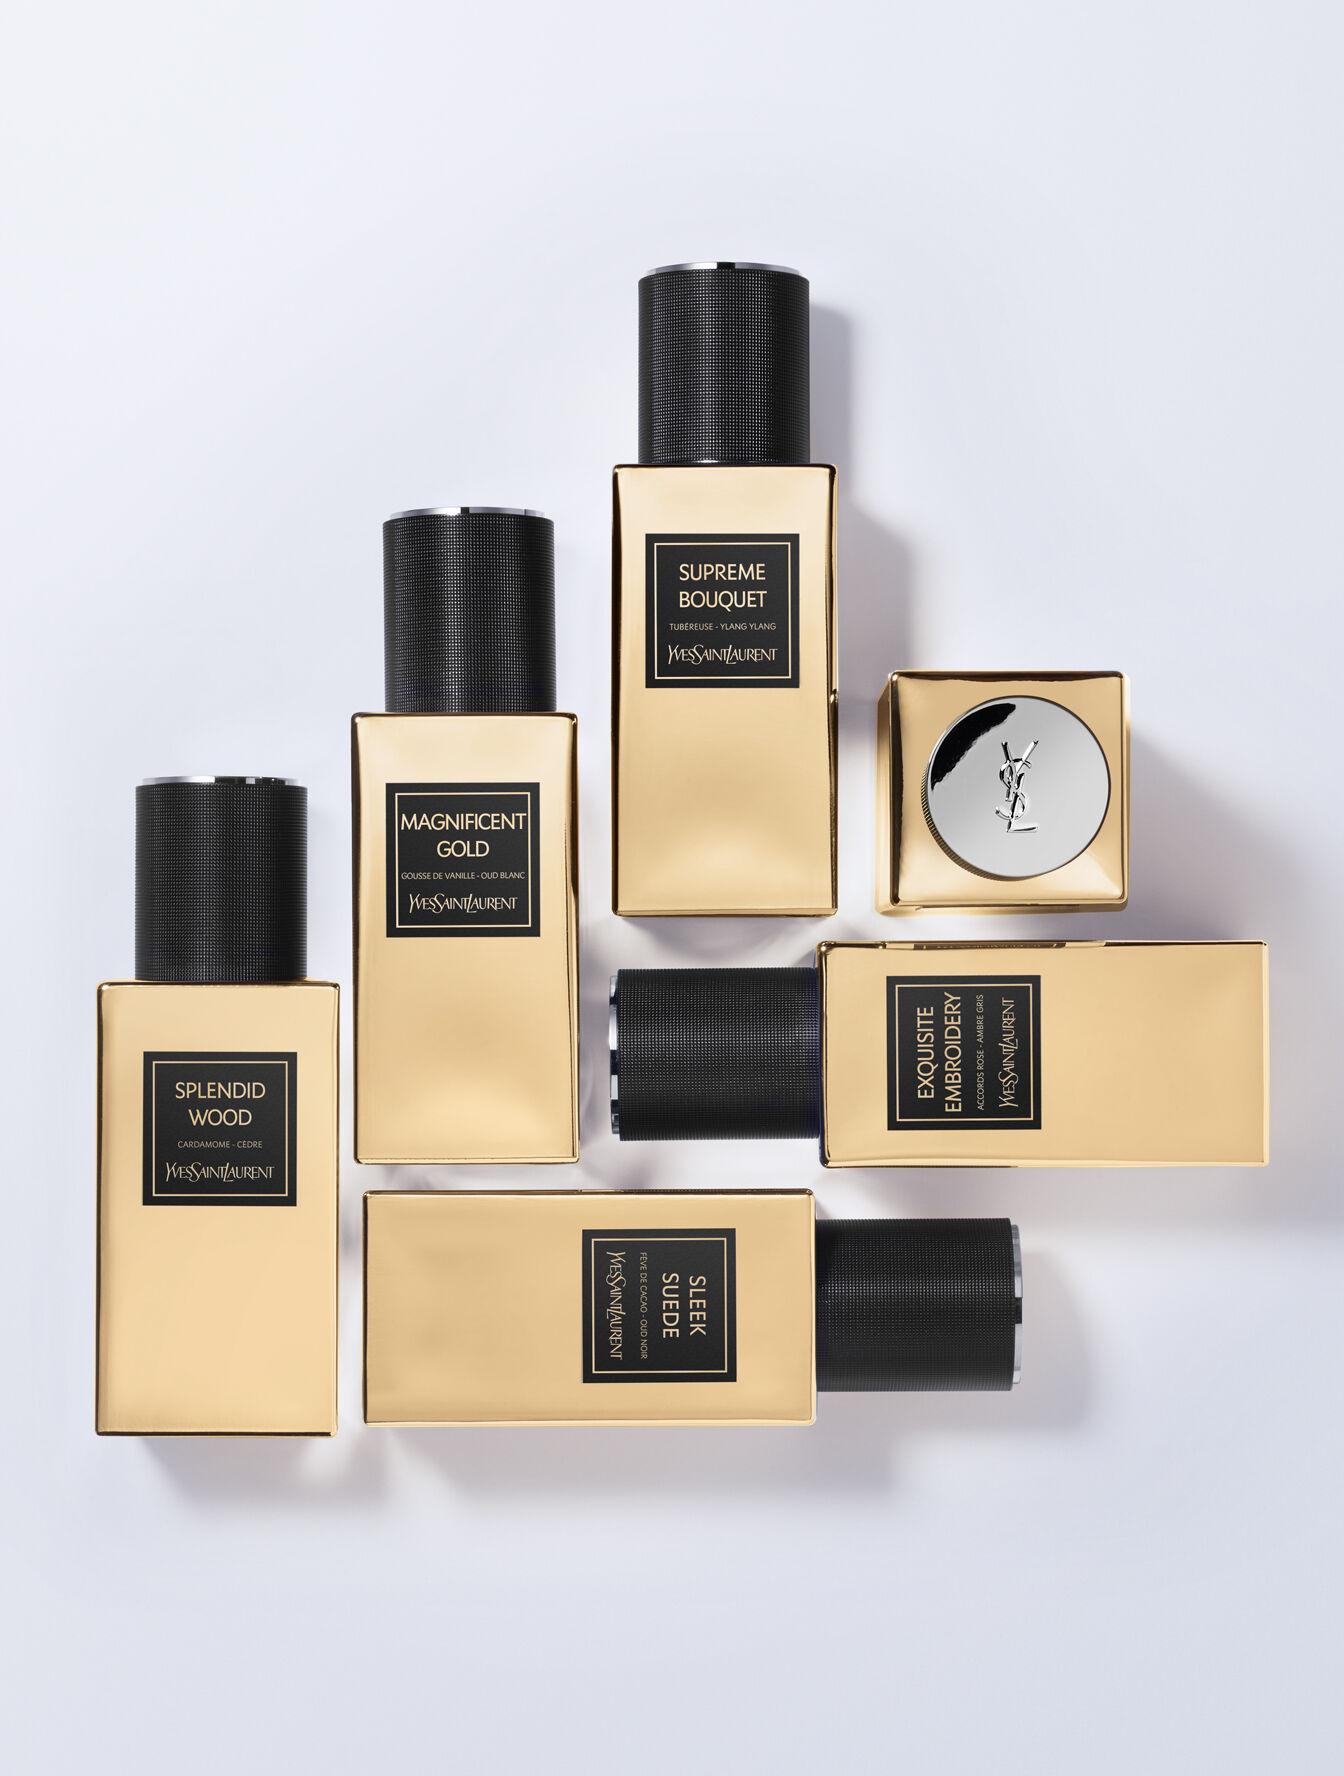 Supreme Bouquet De Vestiaire Parfums Le Oriental Collection SLqMVjUzGp